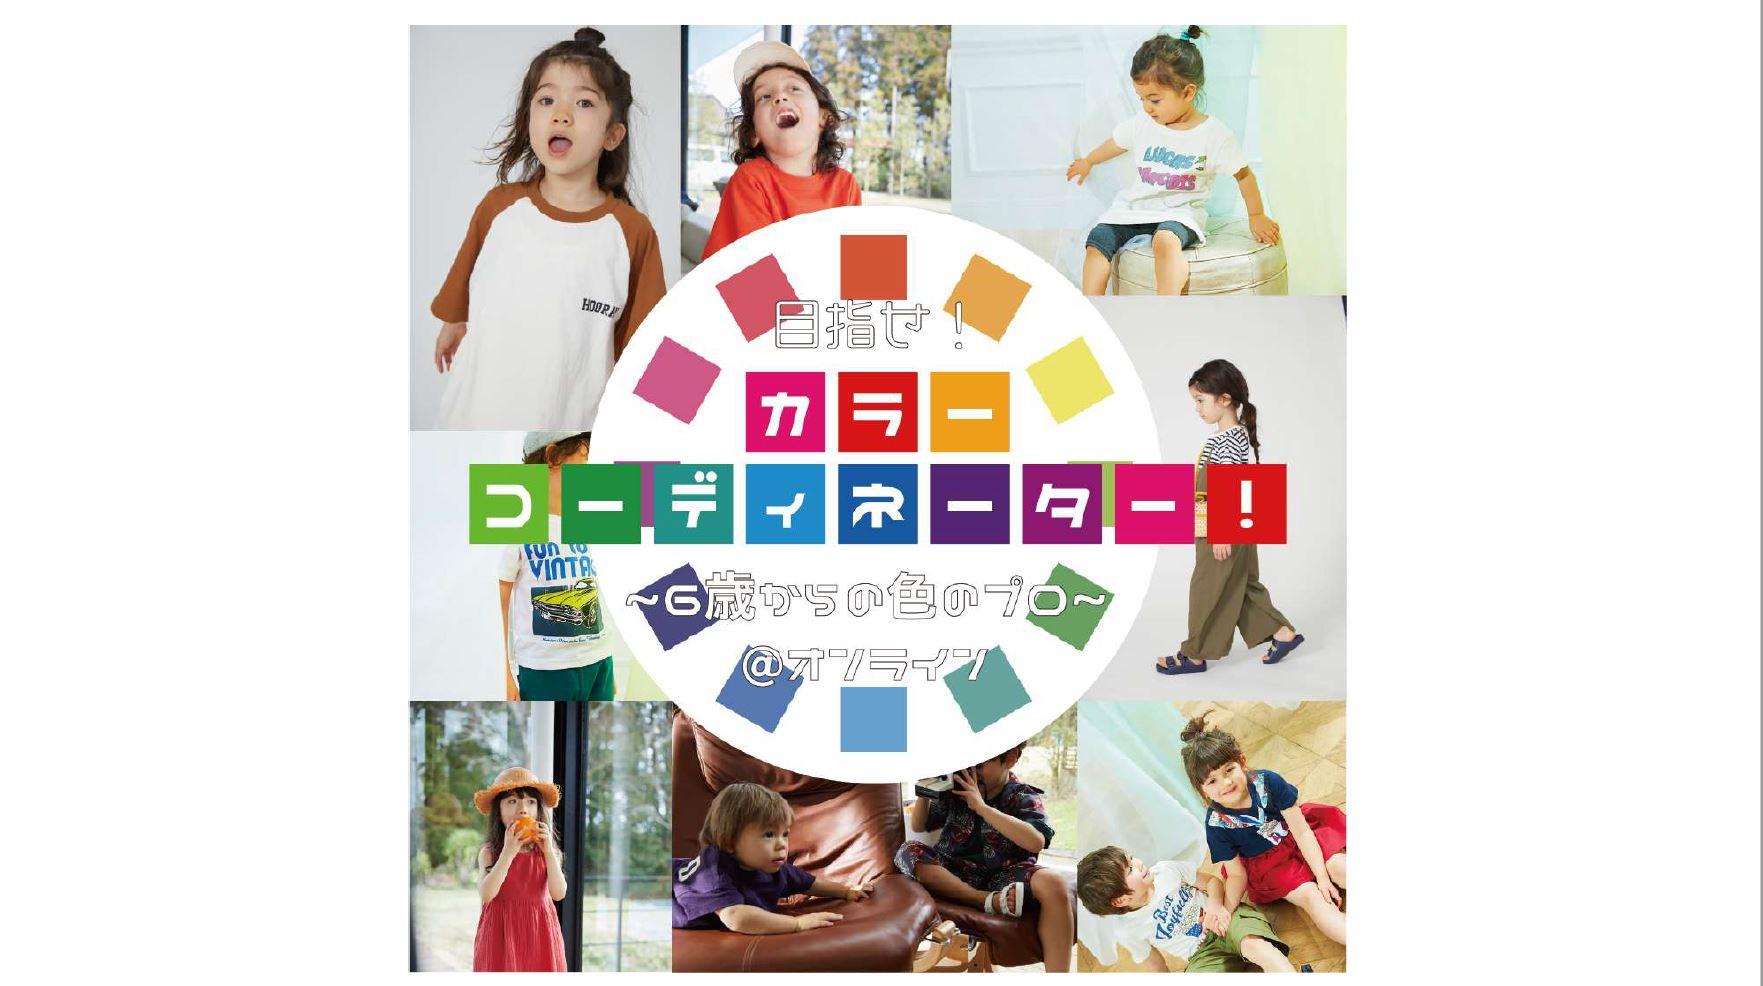 デビロックキッズプログラム『目指せ!カラーコーディネーター ~6歳からの色のプロ~』オンライン開催